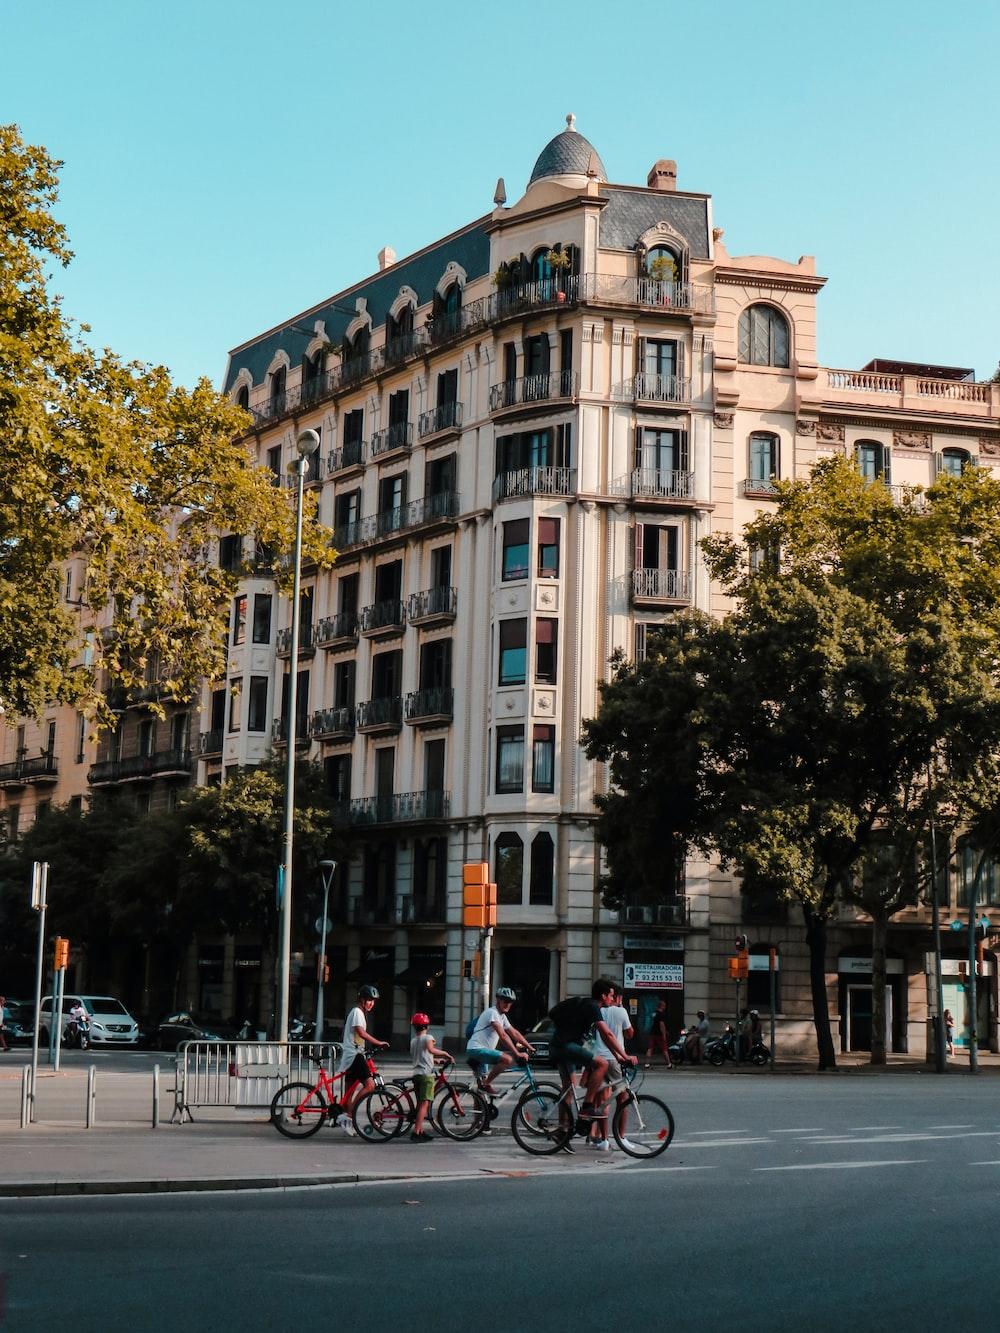 bikes on street